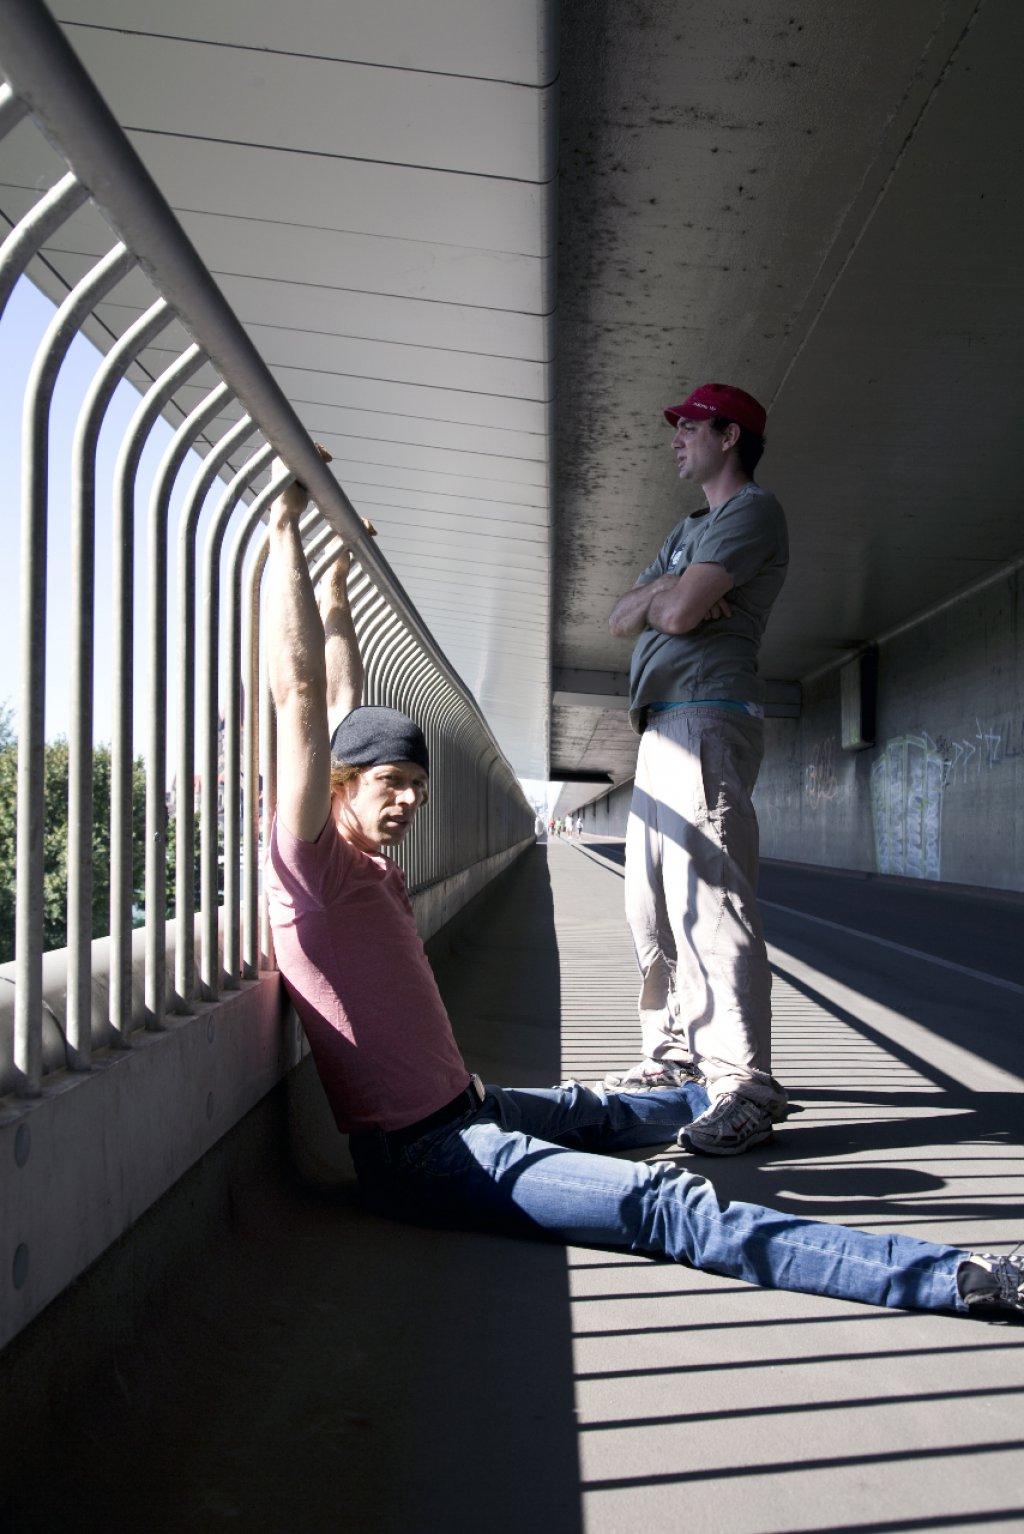 Stones - Ein Stein führt zur Anklage zweier Jugendlicher. | Foto © Sarah Haas